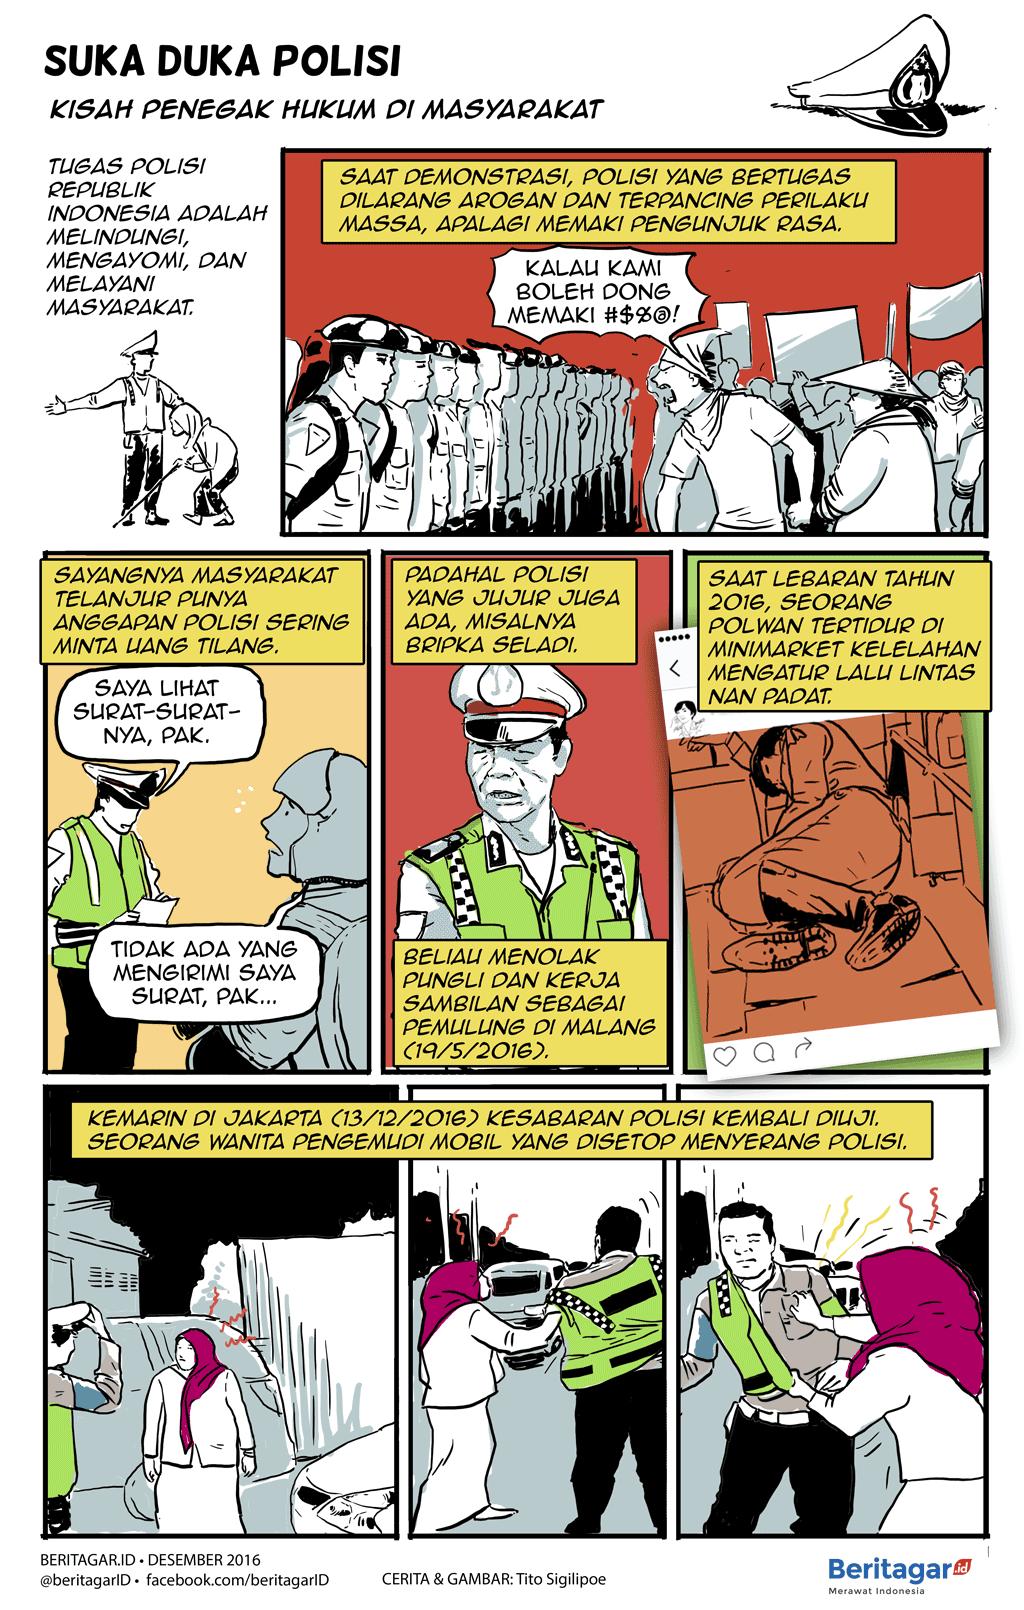 Menyerang Pak Polantas Yang Bertugas